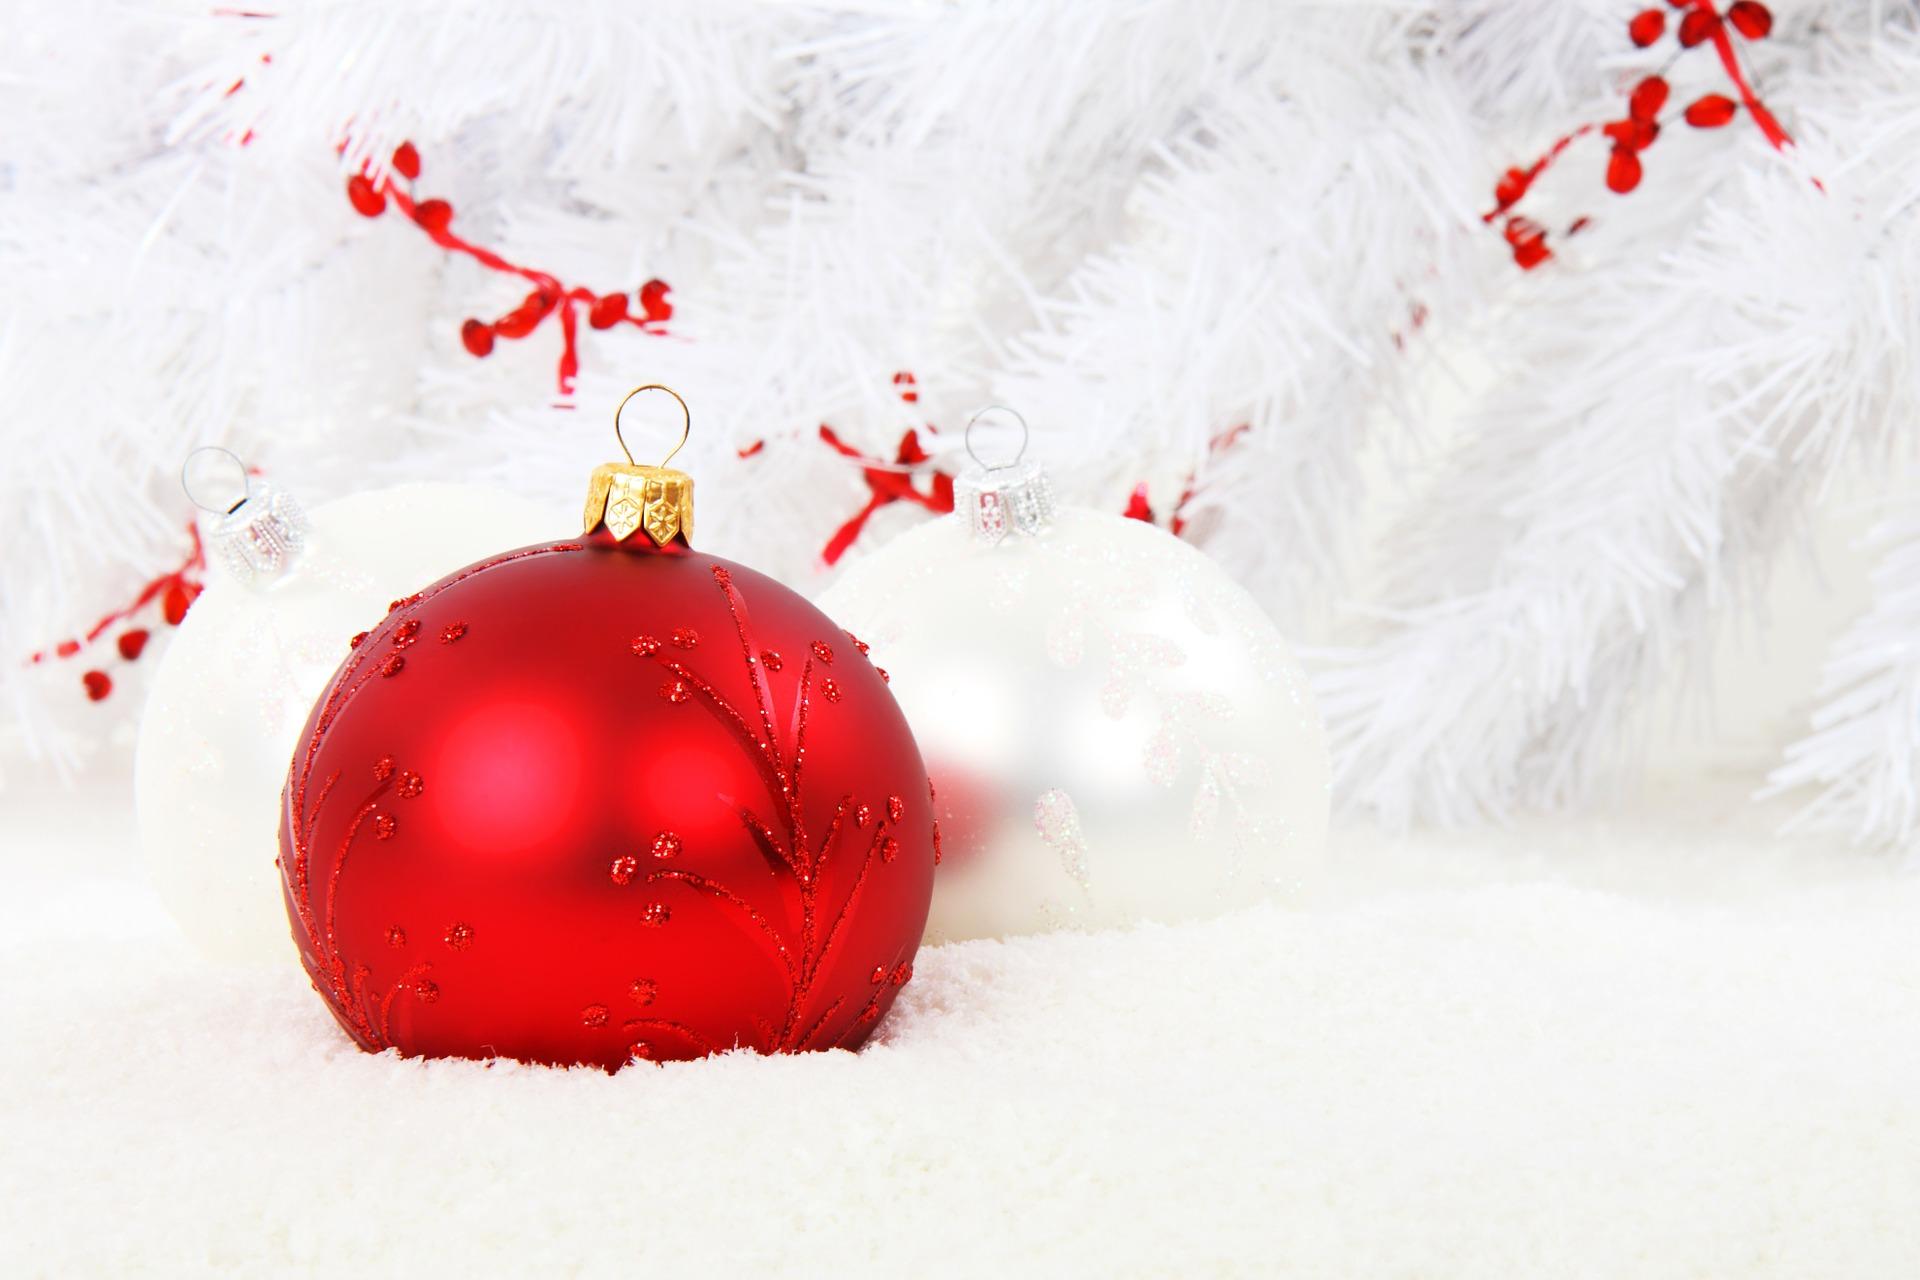 Warum feiern wir Weihnachten? Der wahre Grund